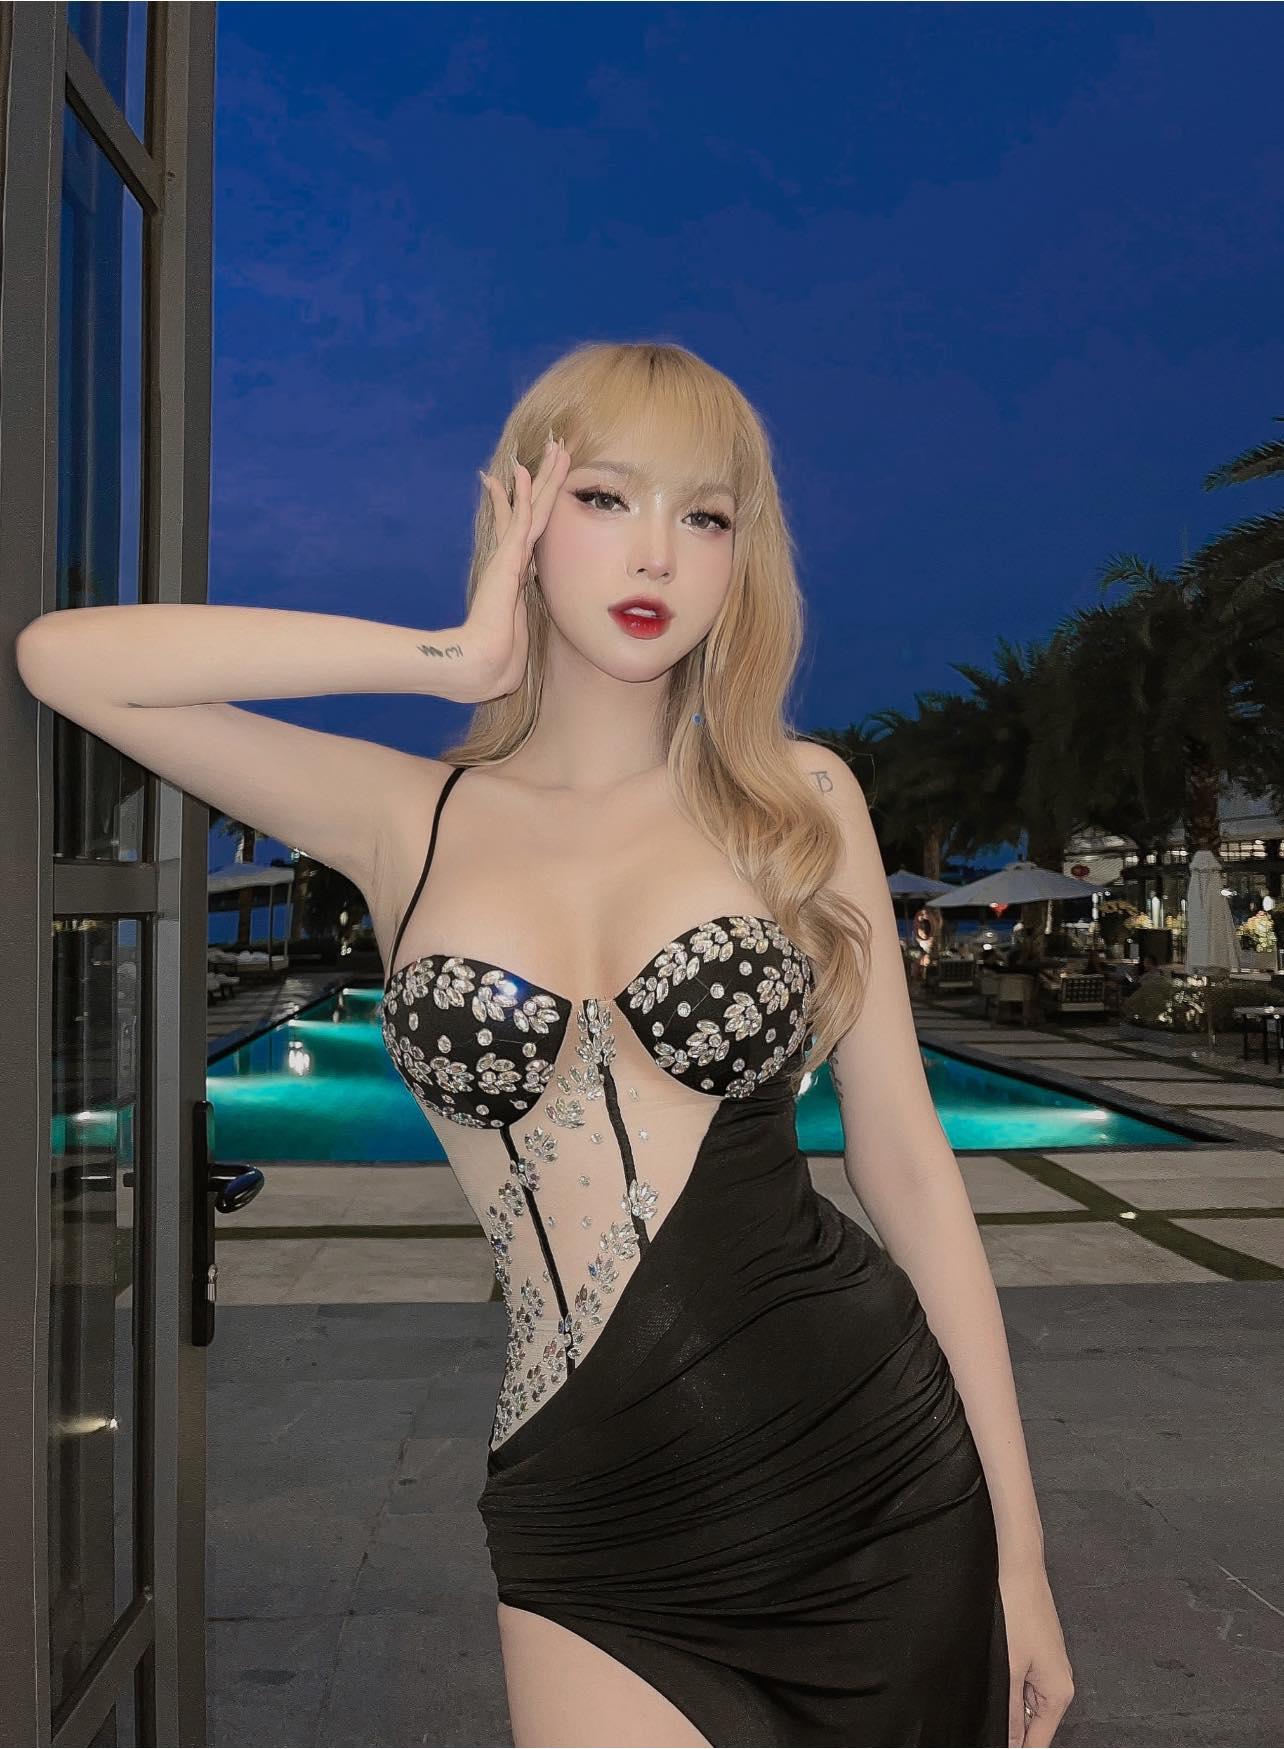 Thí sinh chuyển giới của Hoa hậu Hoàn vũ Việt Nam gây sốt với nhan sắc búp bê sống - page 2 - 3